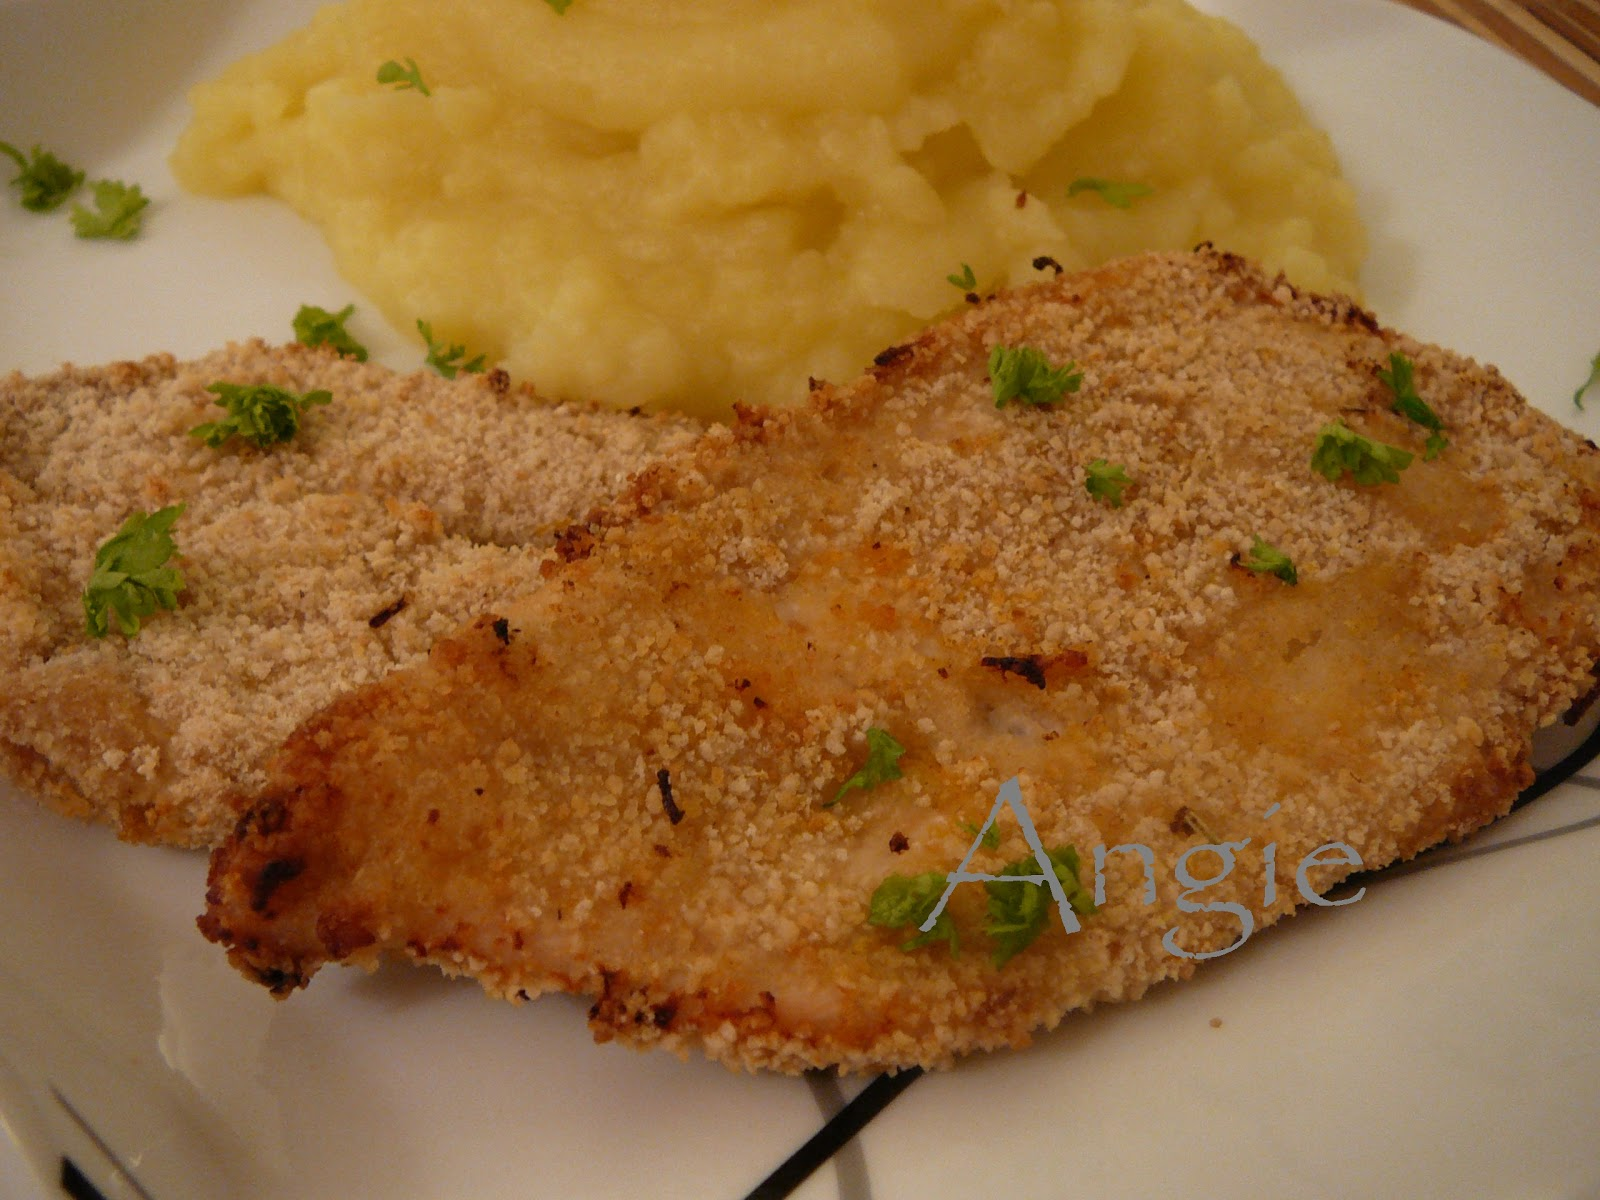 La bonne cuisine de angie piept de pui cu lamaie for La bonne cuisine